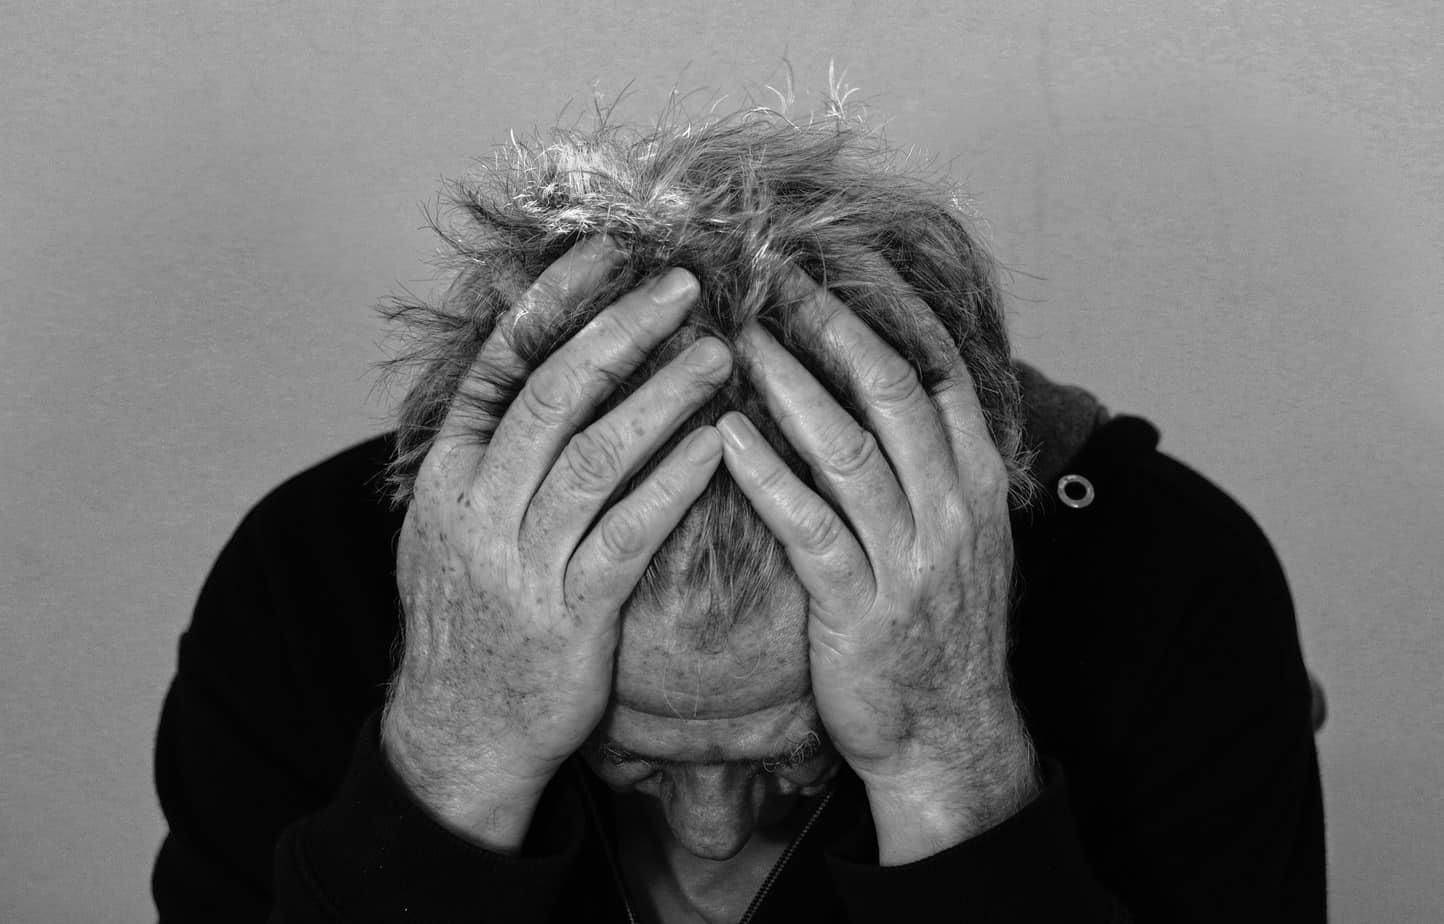 Comment traiter efficacement les migraines et les maux de tête/céphalées?